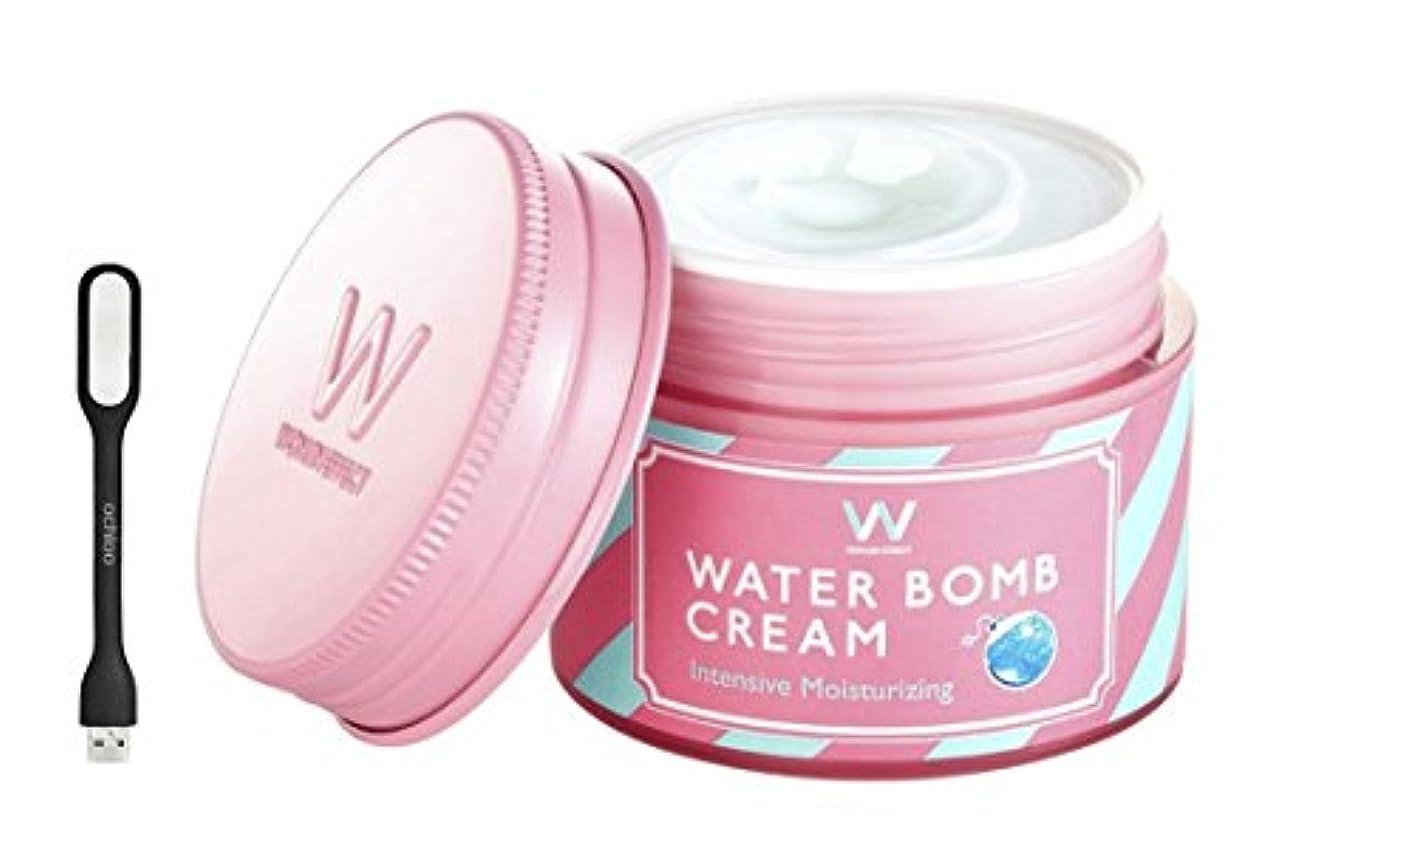 甘美な夜明け財政WONJIN EFFECT ウォンジンエフェクト水爆弾クリーム/ウォーターボムクリーム [Water Bomb Cream] - 50ml, 1.69 fl. oz.+ Ochloo logo led